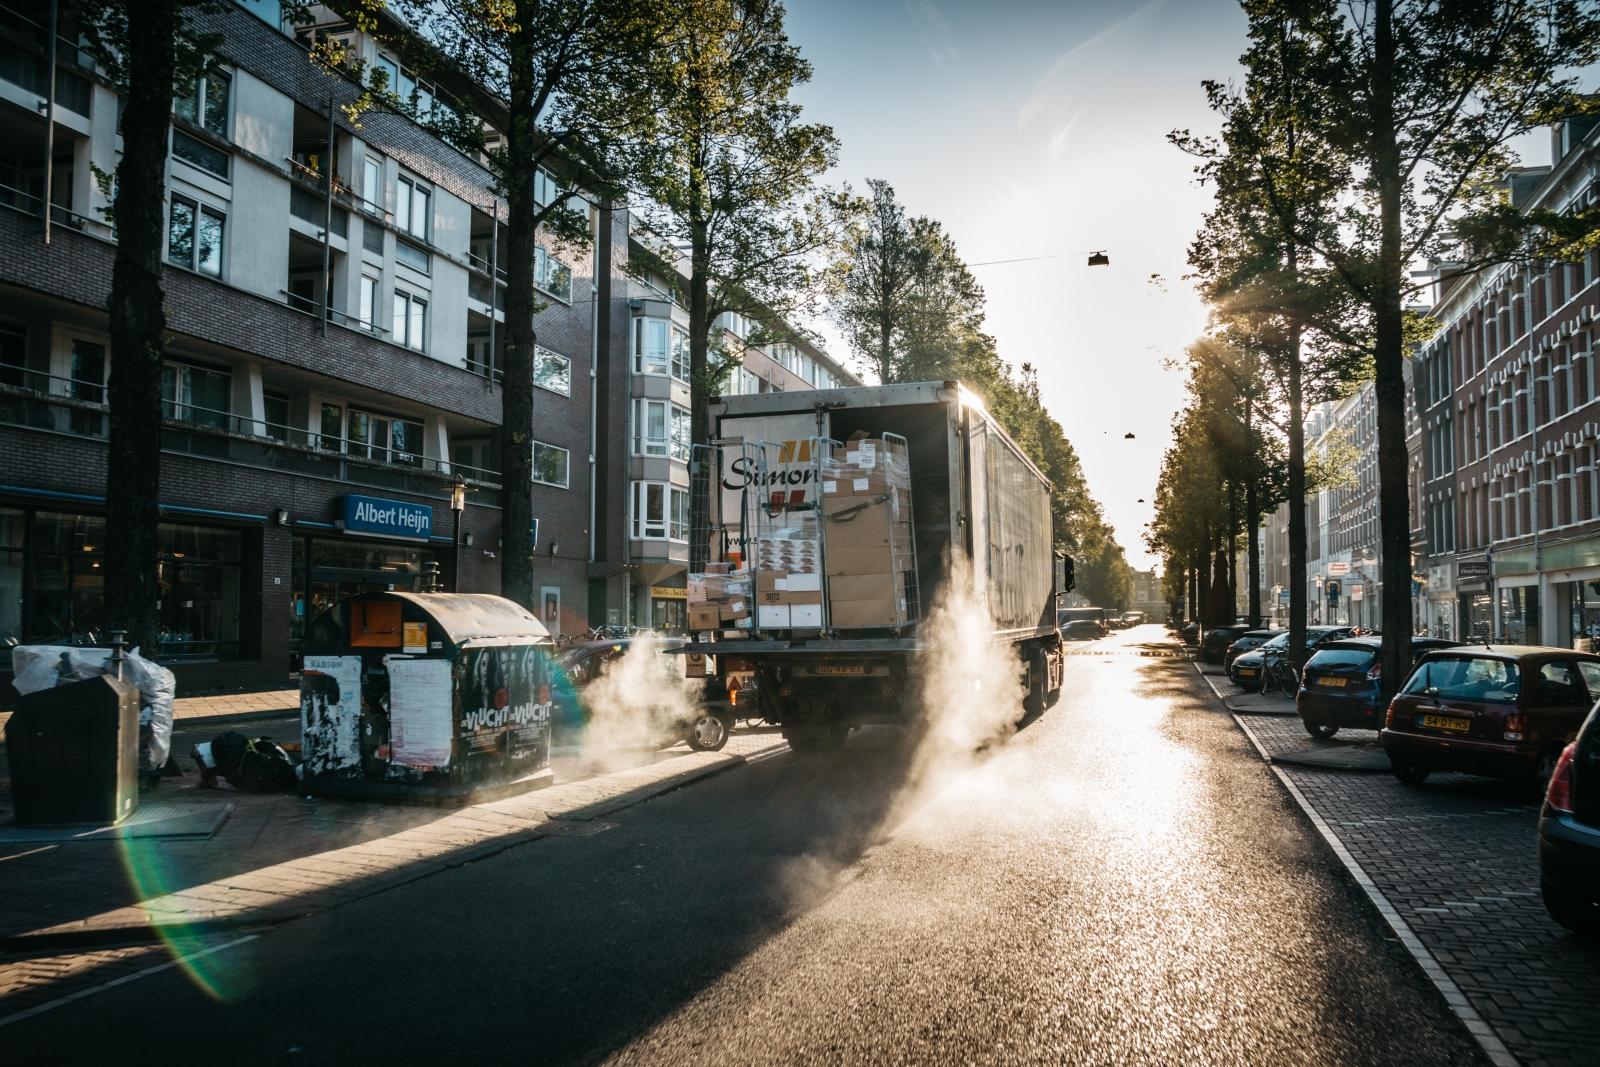 fehlende Ladezone Lkw Fahrbahn Behinderung Be- und Entladen Güterverkehr